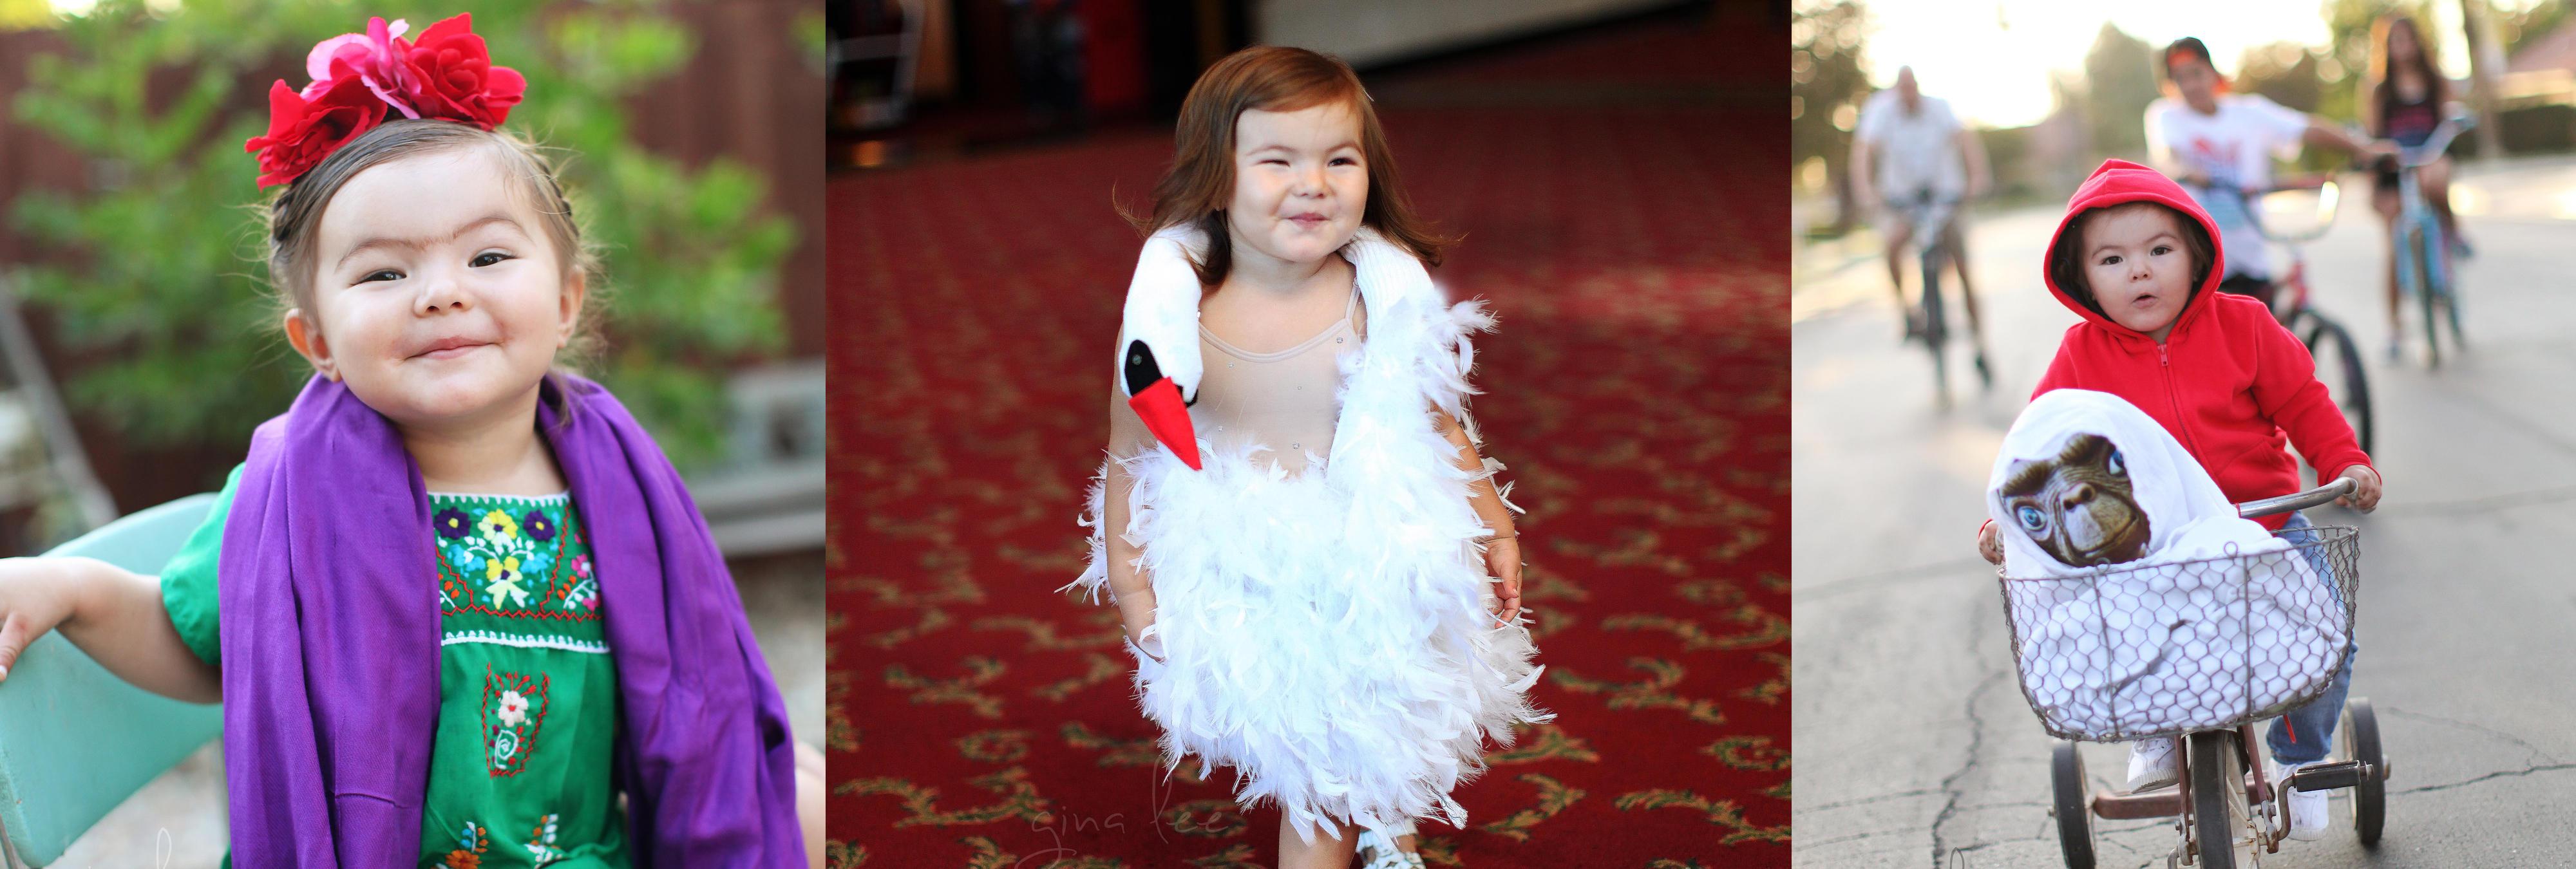 La pequeña Willow será la reina de tu fiesta de disfraces